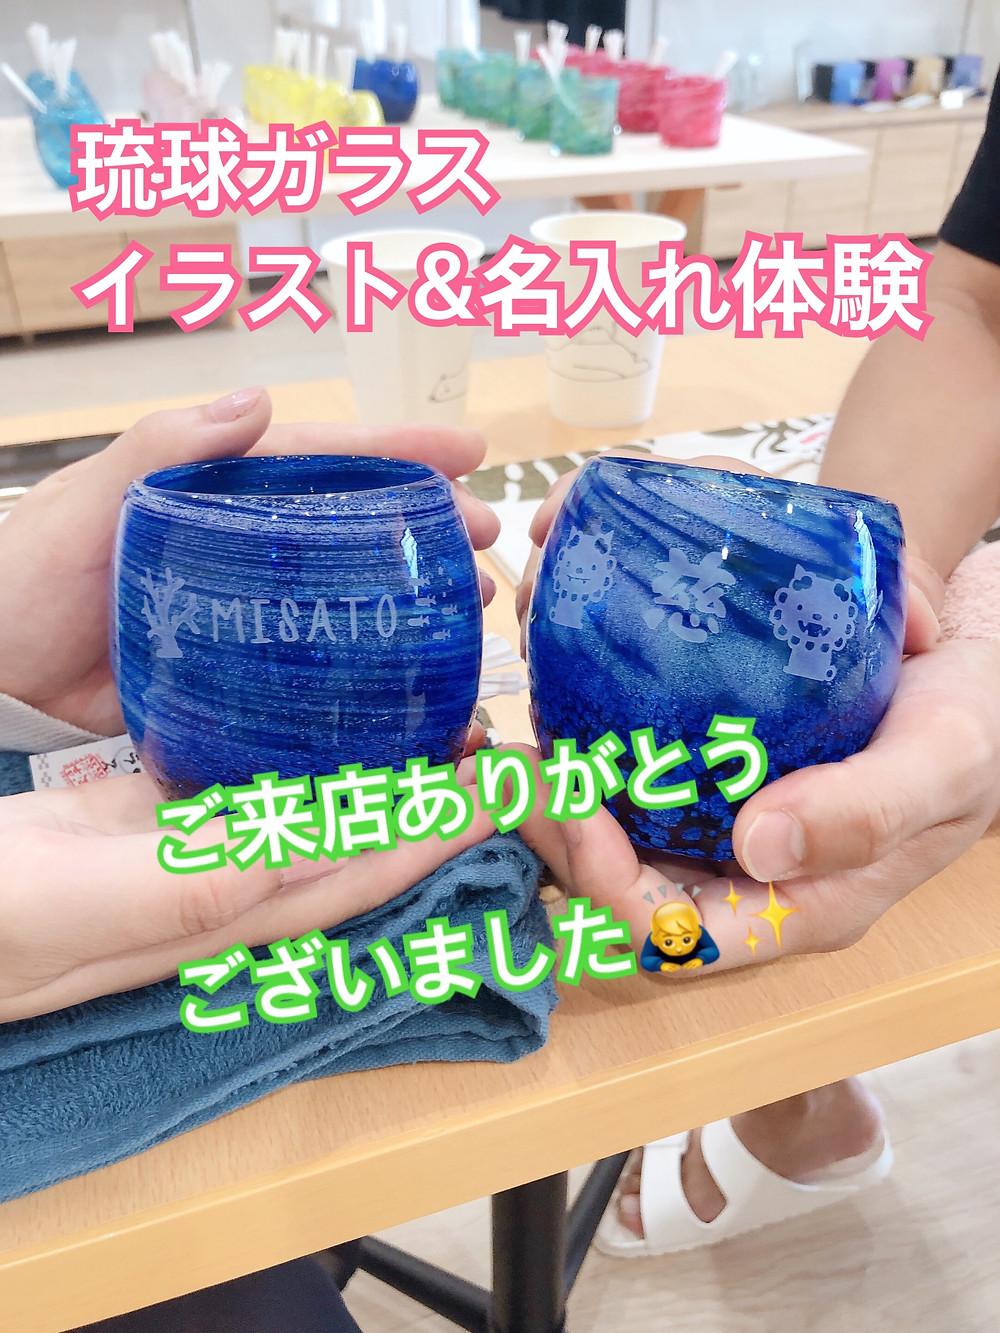 沖縄県宮古島 旅行 観光 琉球ガラス名入れ体験